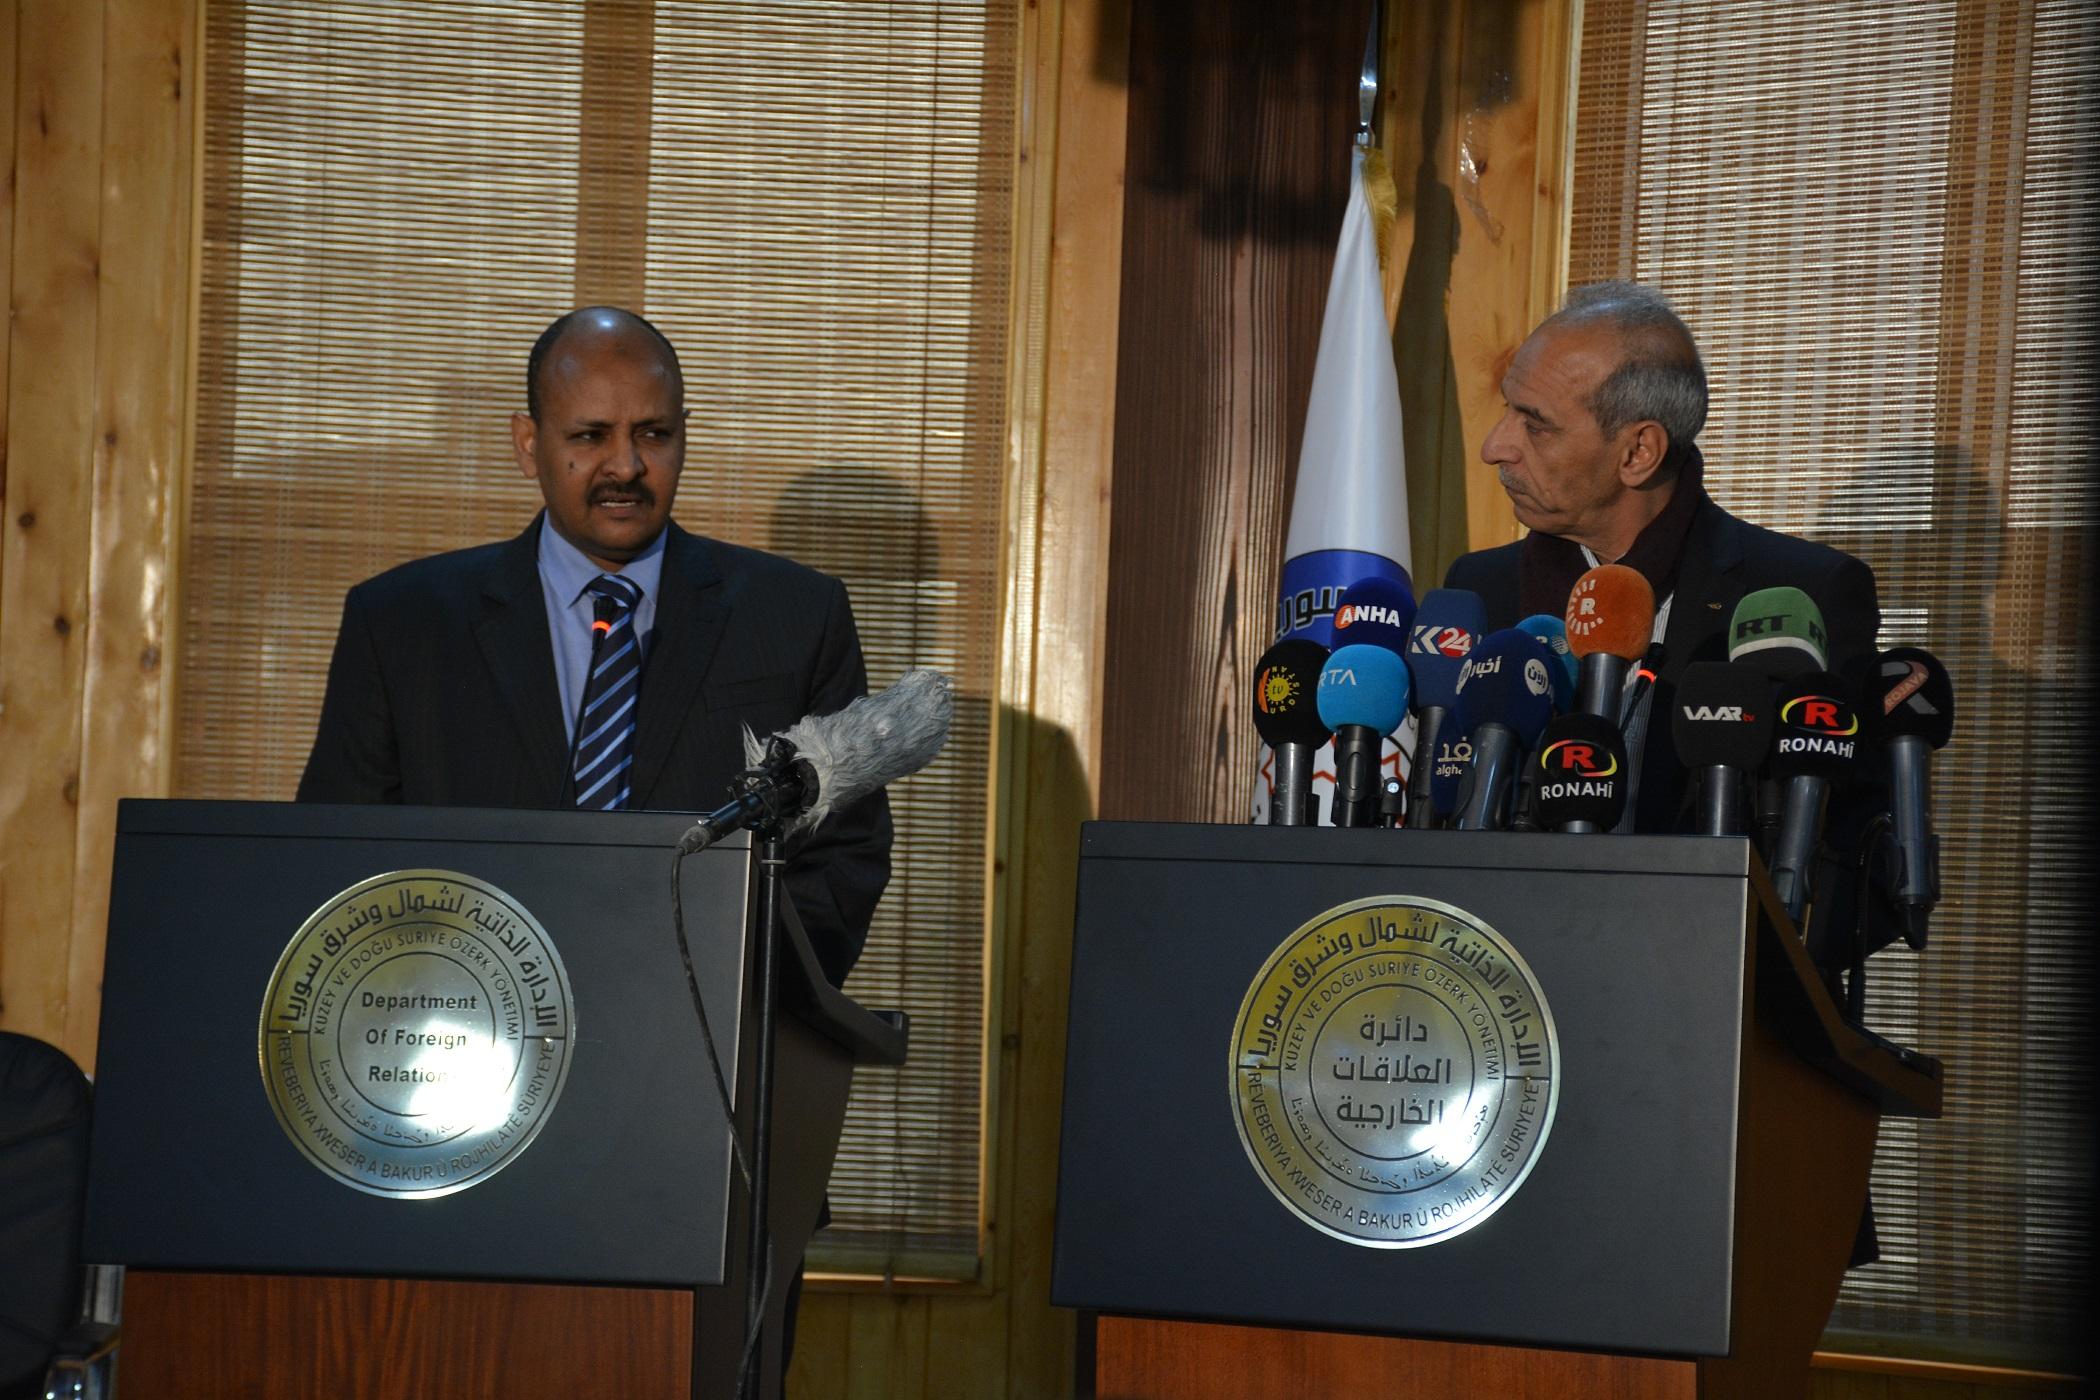 DAA entregó 5 niños sudaneses al gobierno sudanés